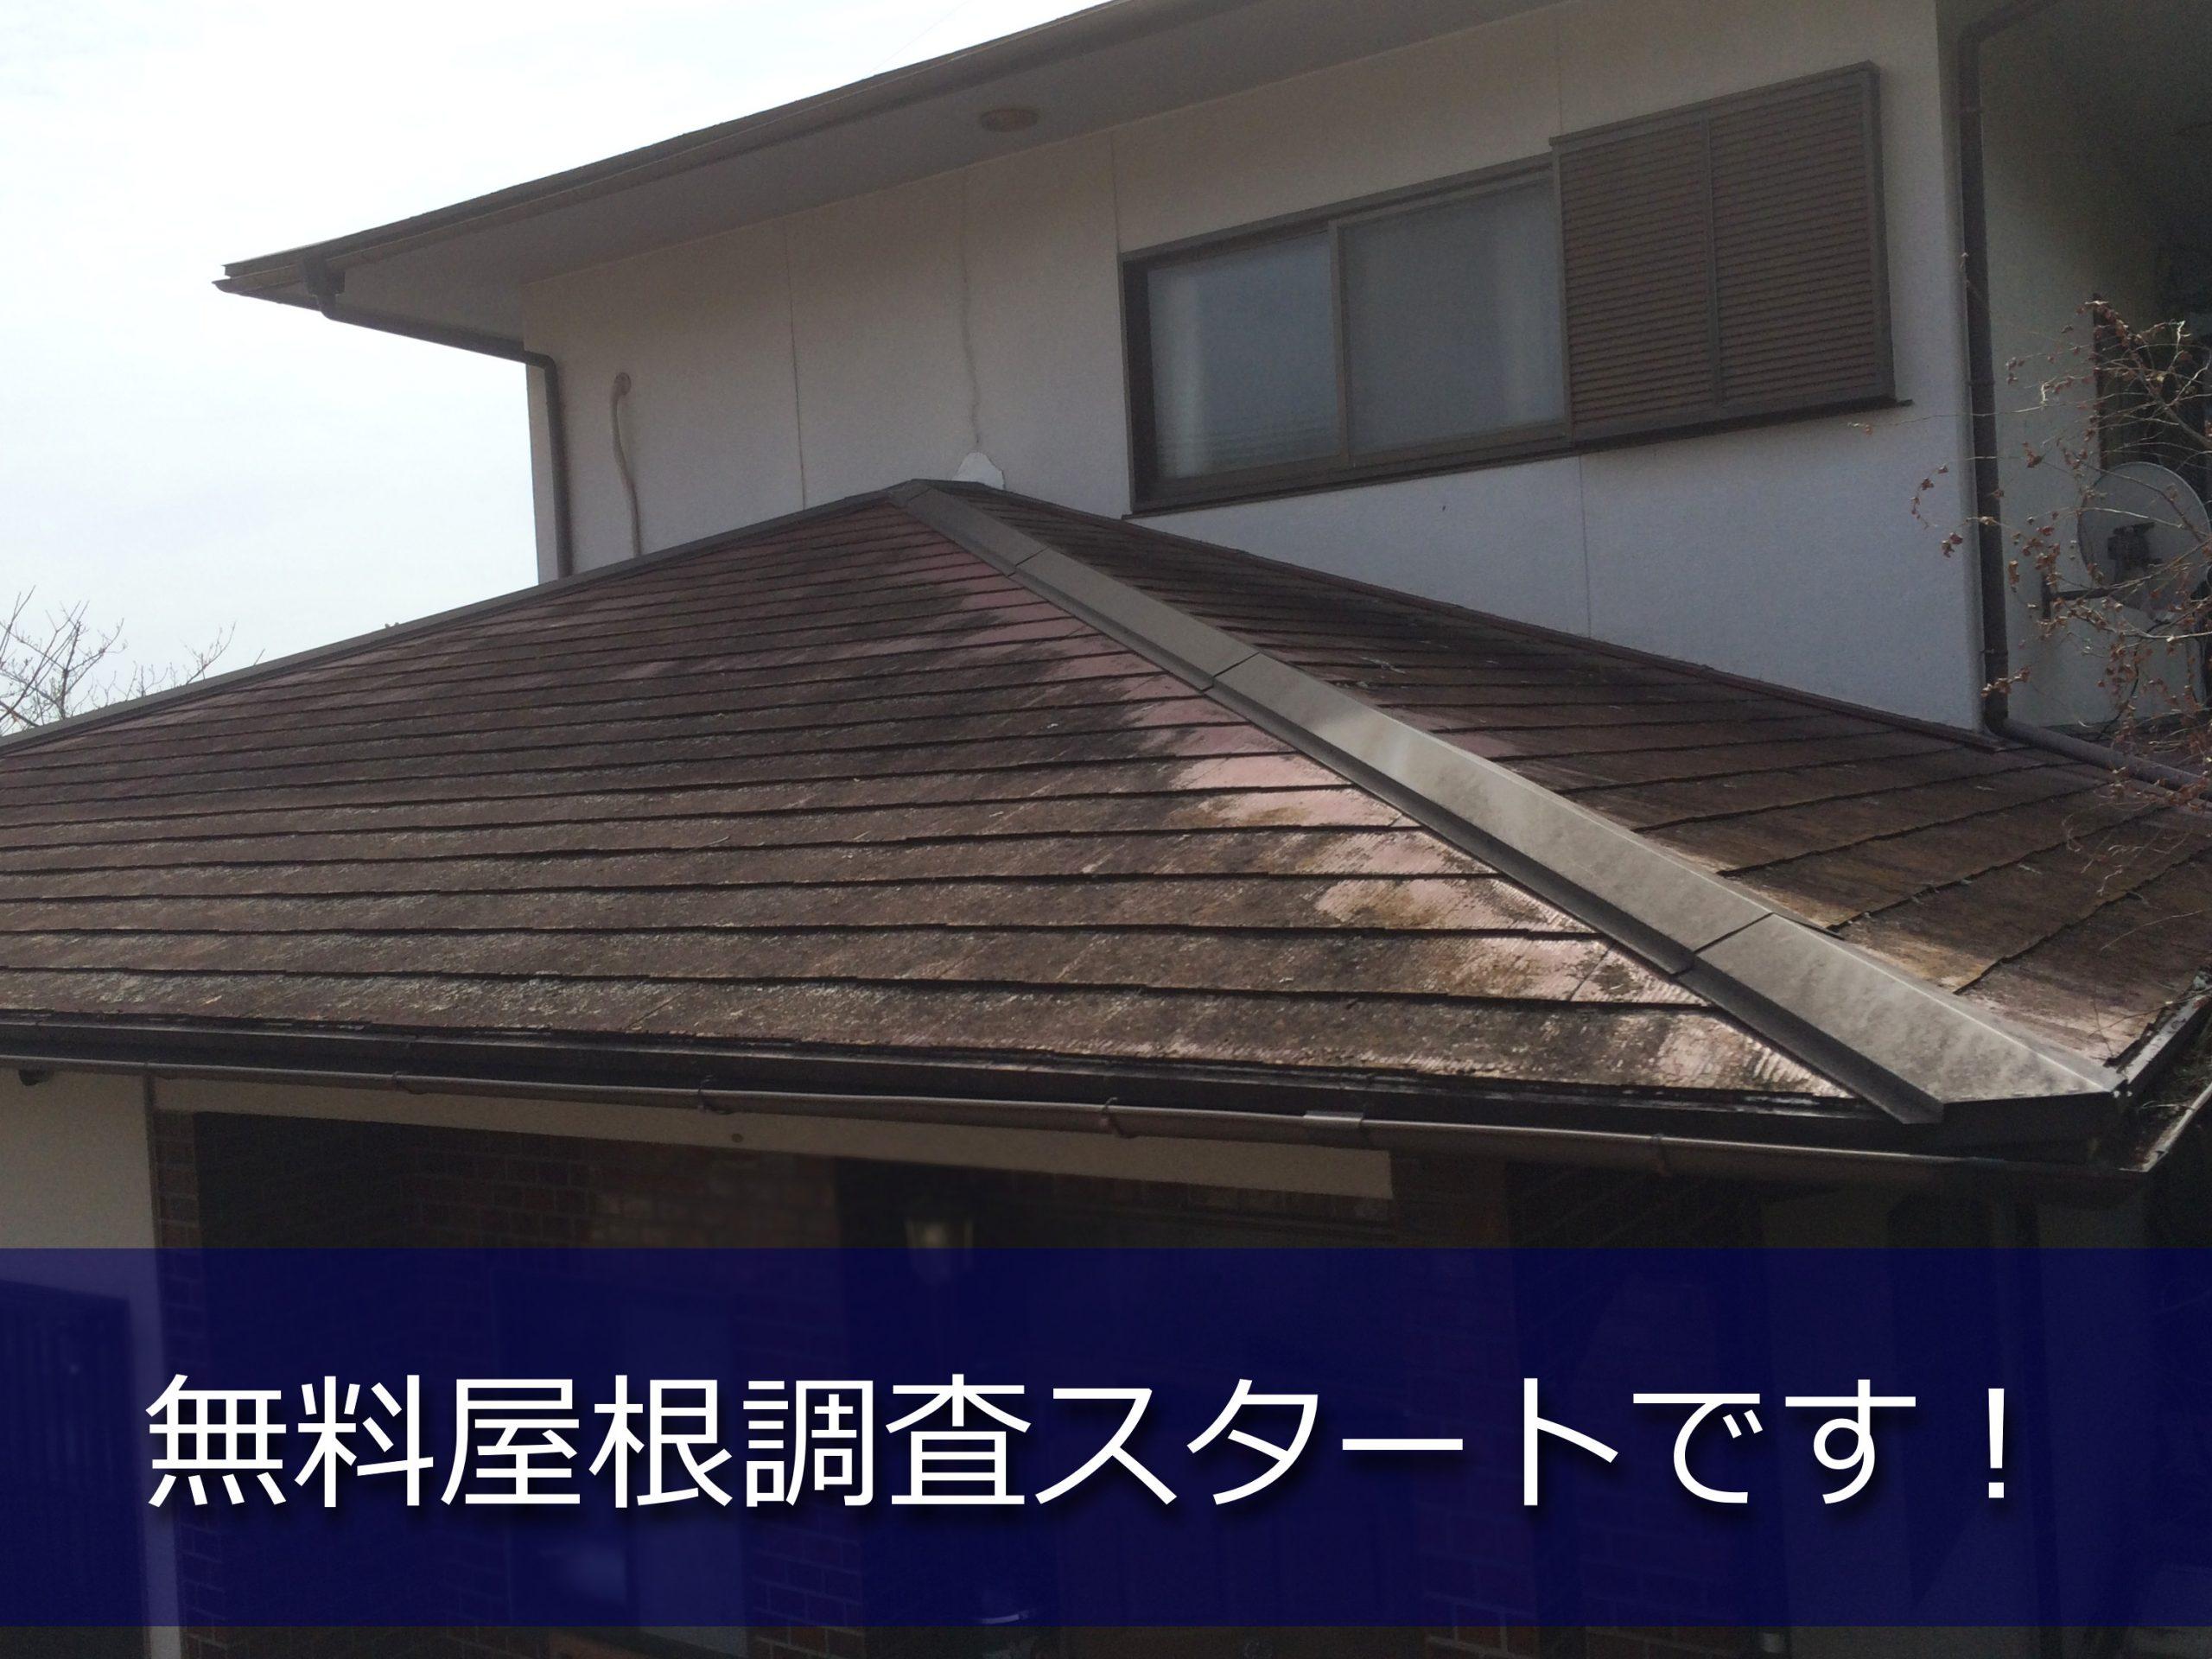 色あせたように見える屋根